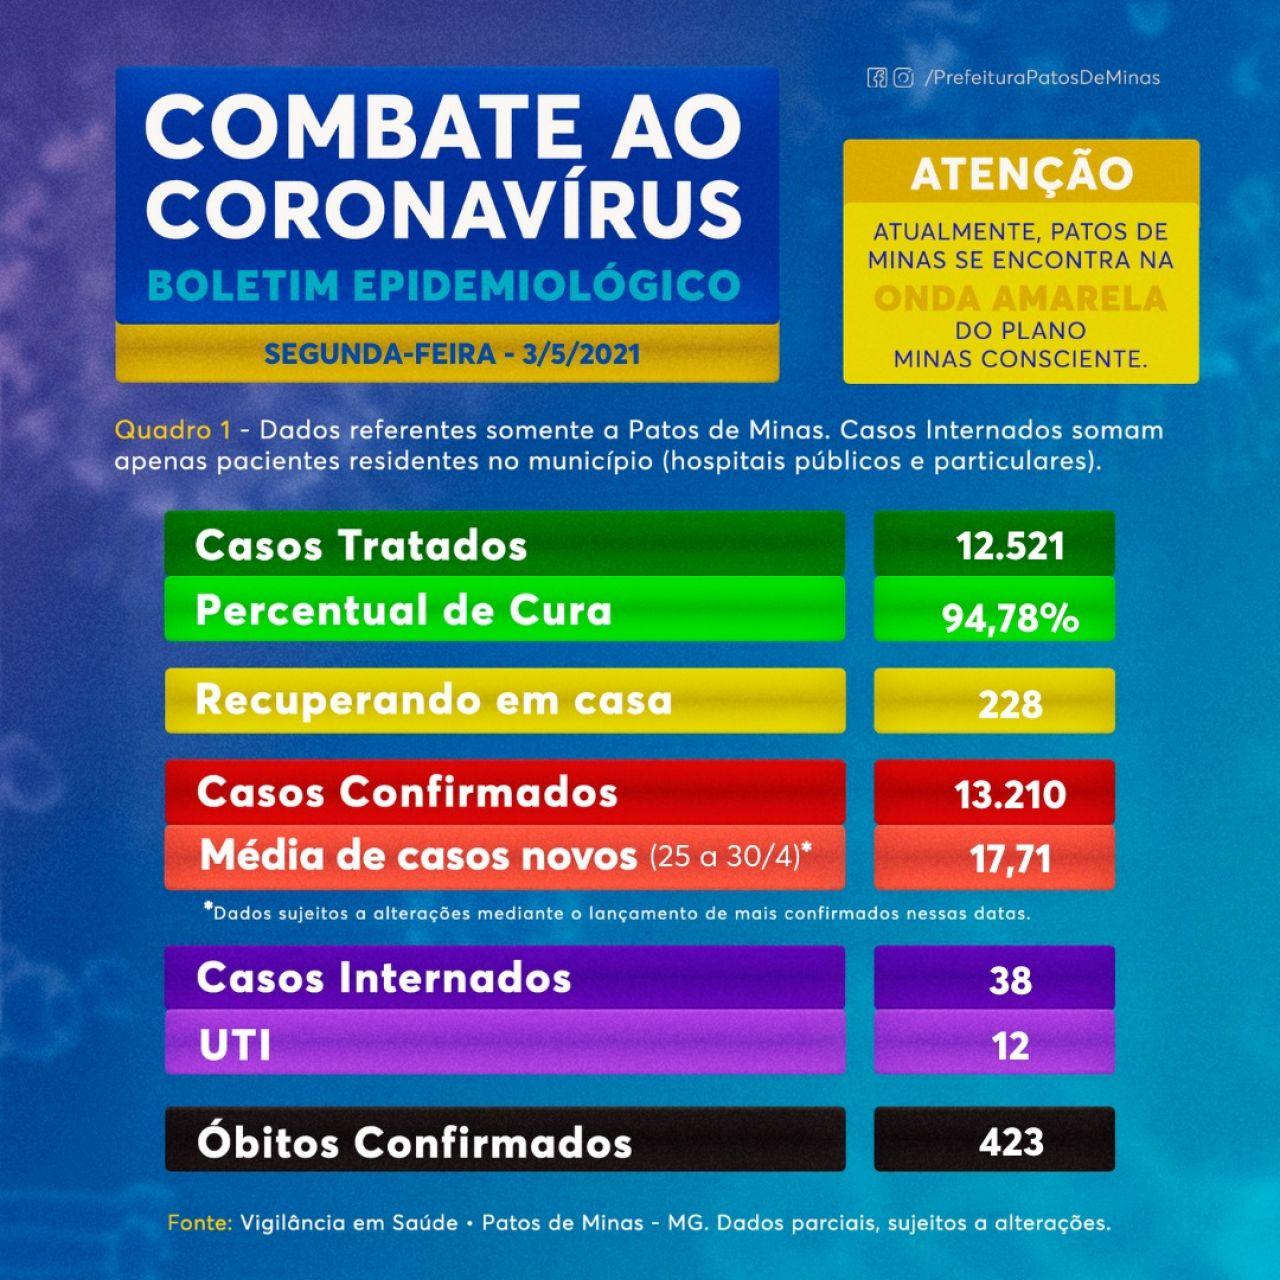 Covid-19: boletim epidemiológico confirma 8 óbitos e 46 novos casos; 12.521 pessoas já se recuperaram da doença